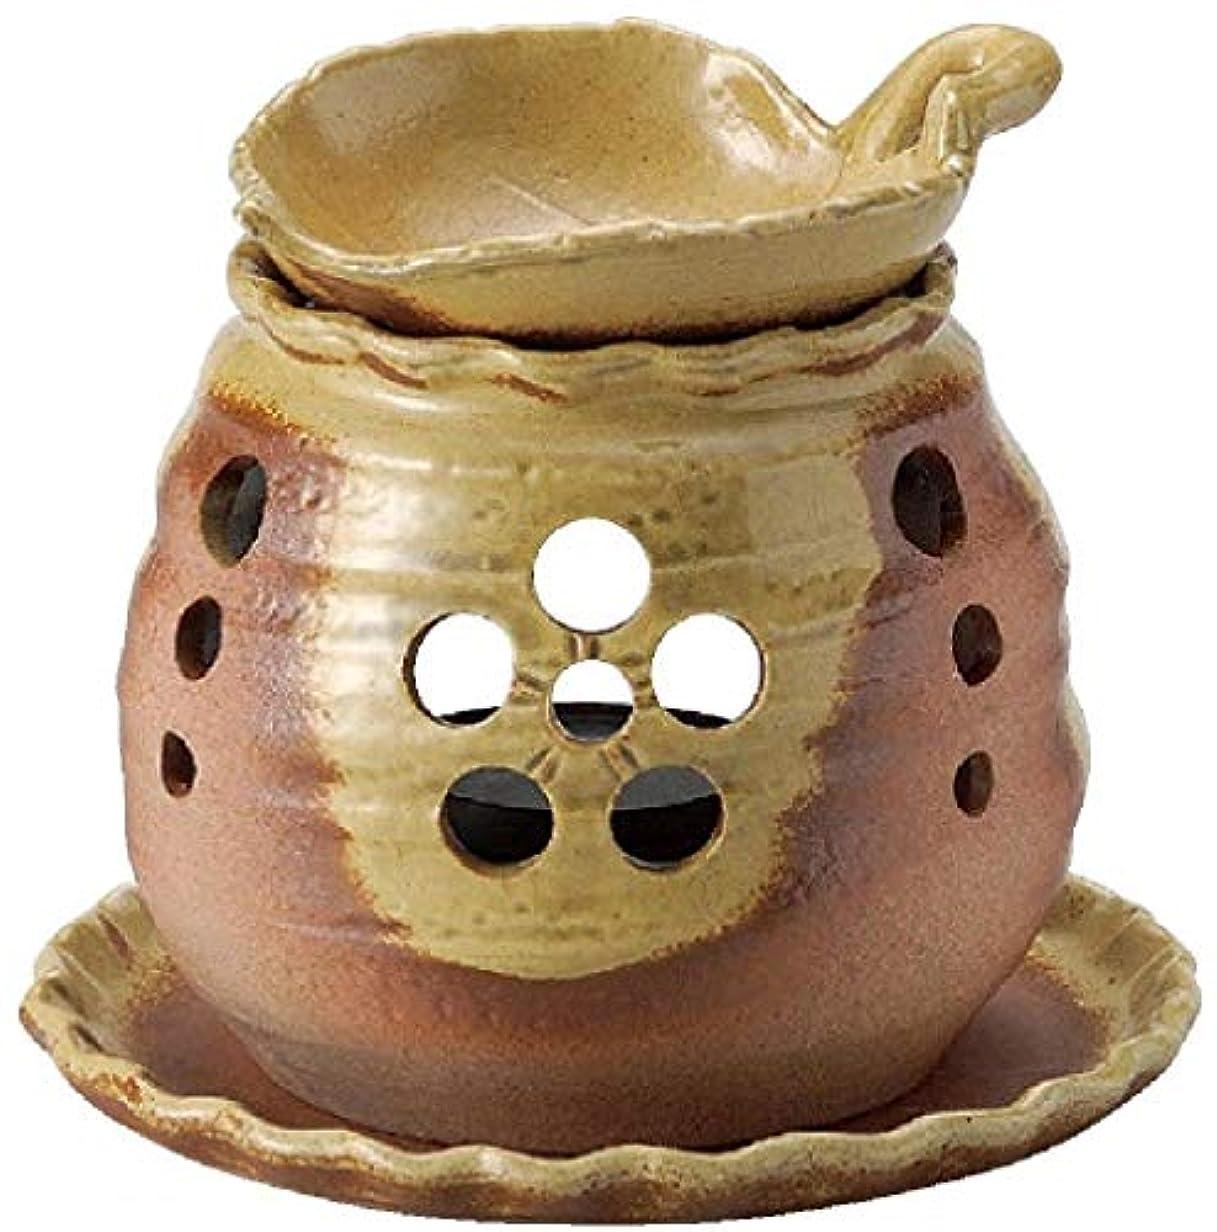 アストロラーベお風呂それにもかかわらず常滑焼 7-228 遊土里黄灰釉木の葉茶香炉 遊土里φ10×H10.5㎝